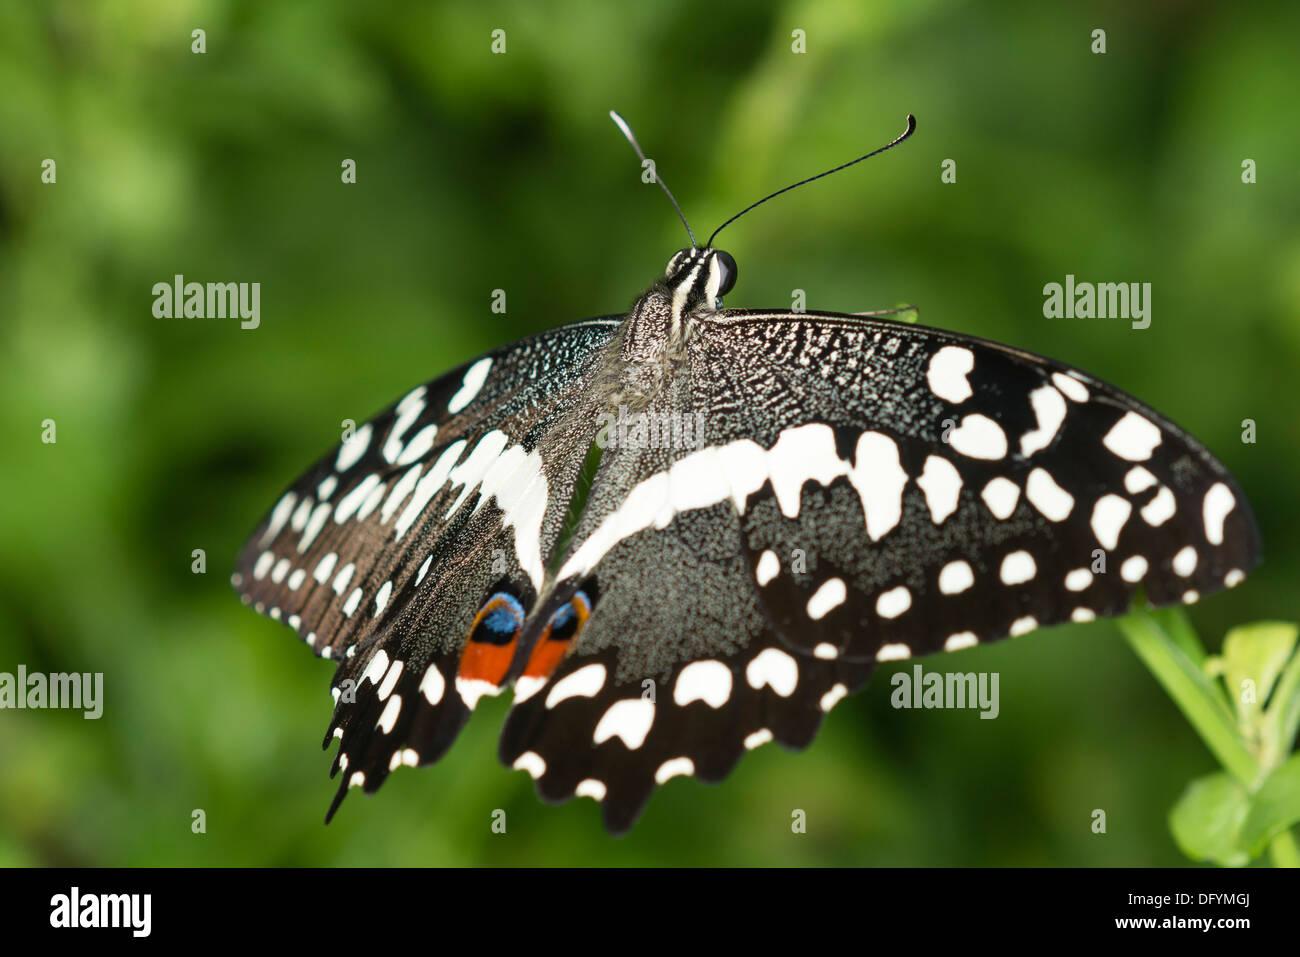 Un agrume a farfalla a coda di rondine a riposo Immagini Stock